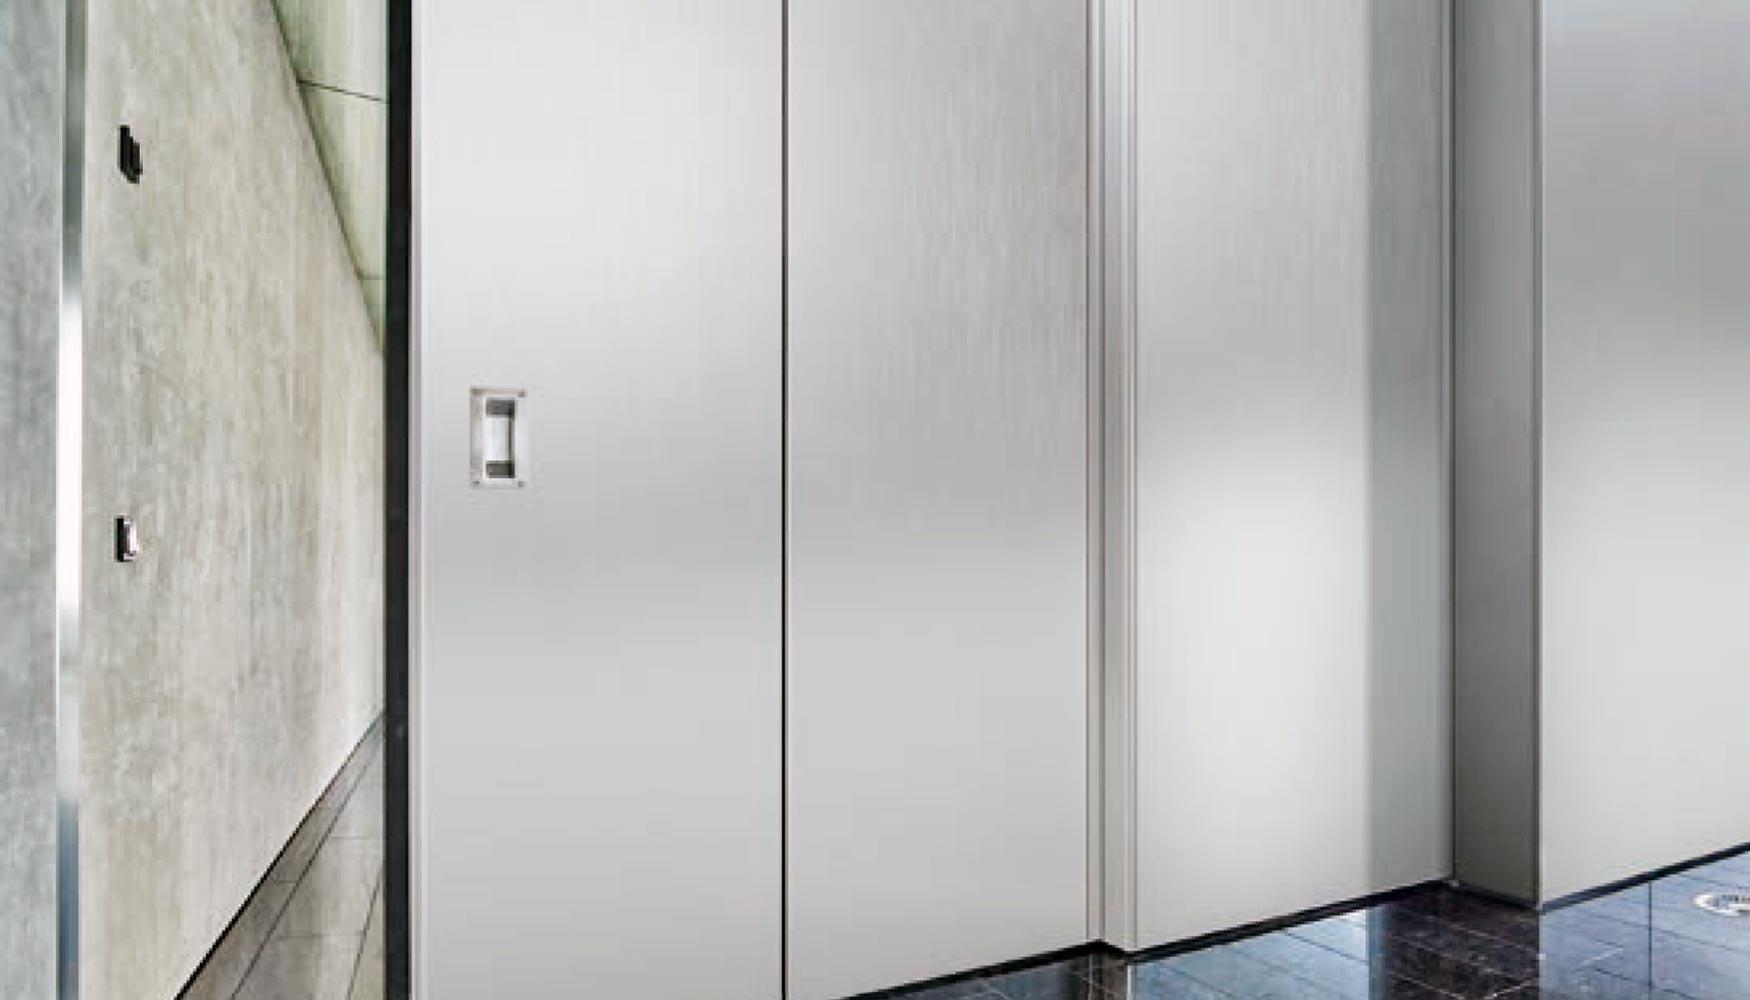 H rmann presenta sus novedades en puertas de apertura for Apertura puertas